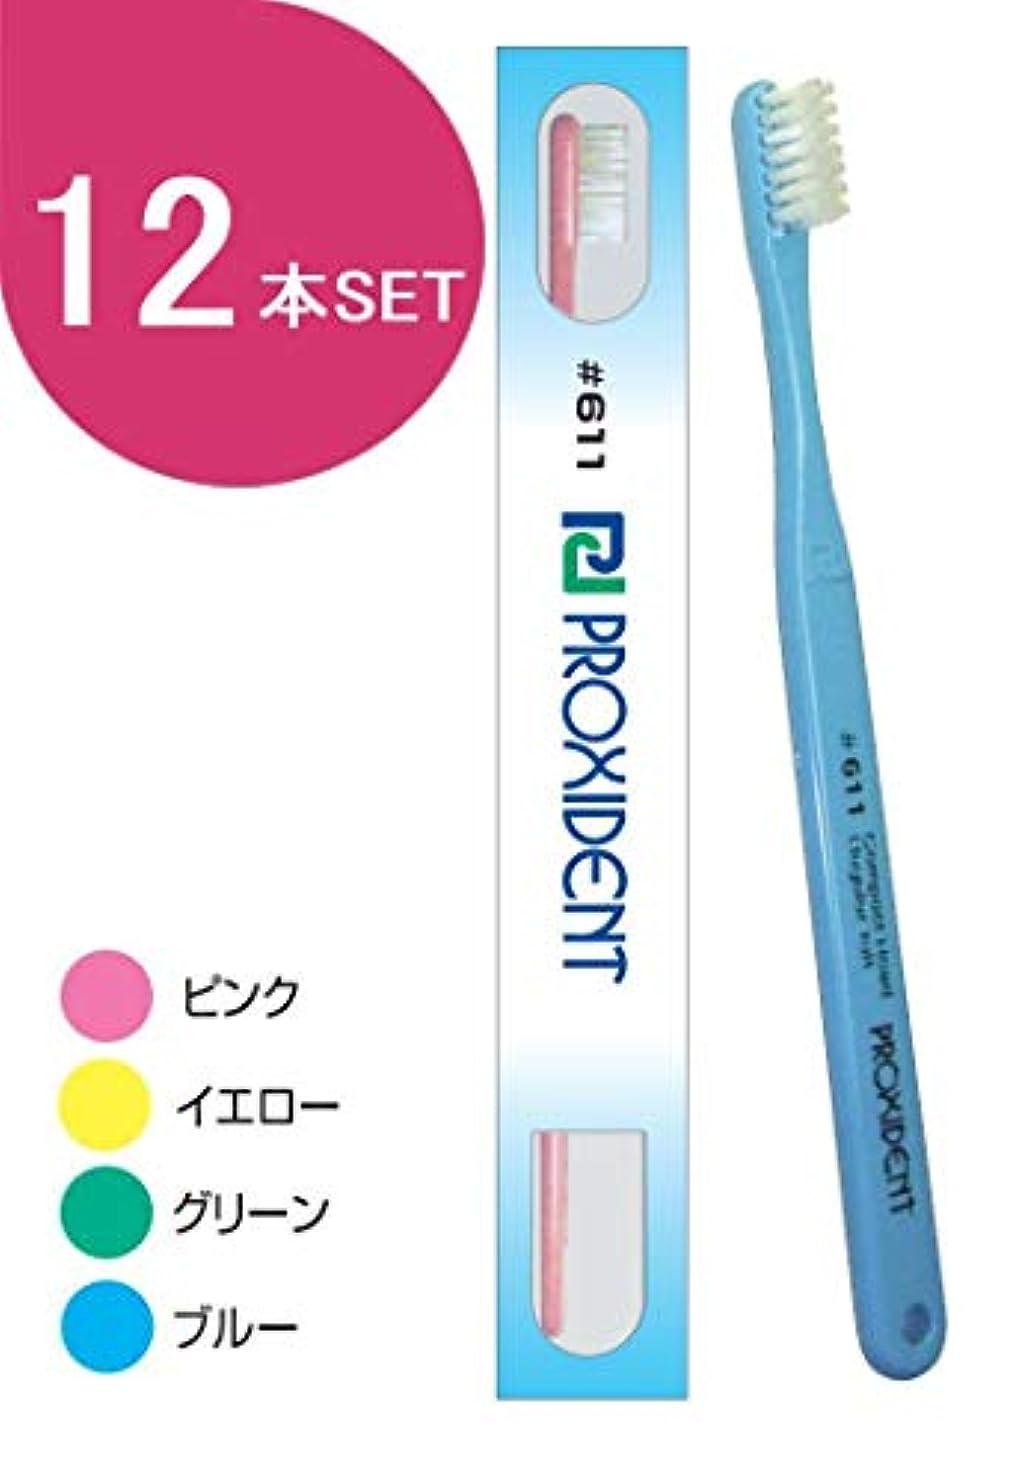 面倒ようこそ相関するプローデント プロキシデント コンパクト レギュラータフト 歯ブラシ #611 (12本)